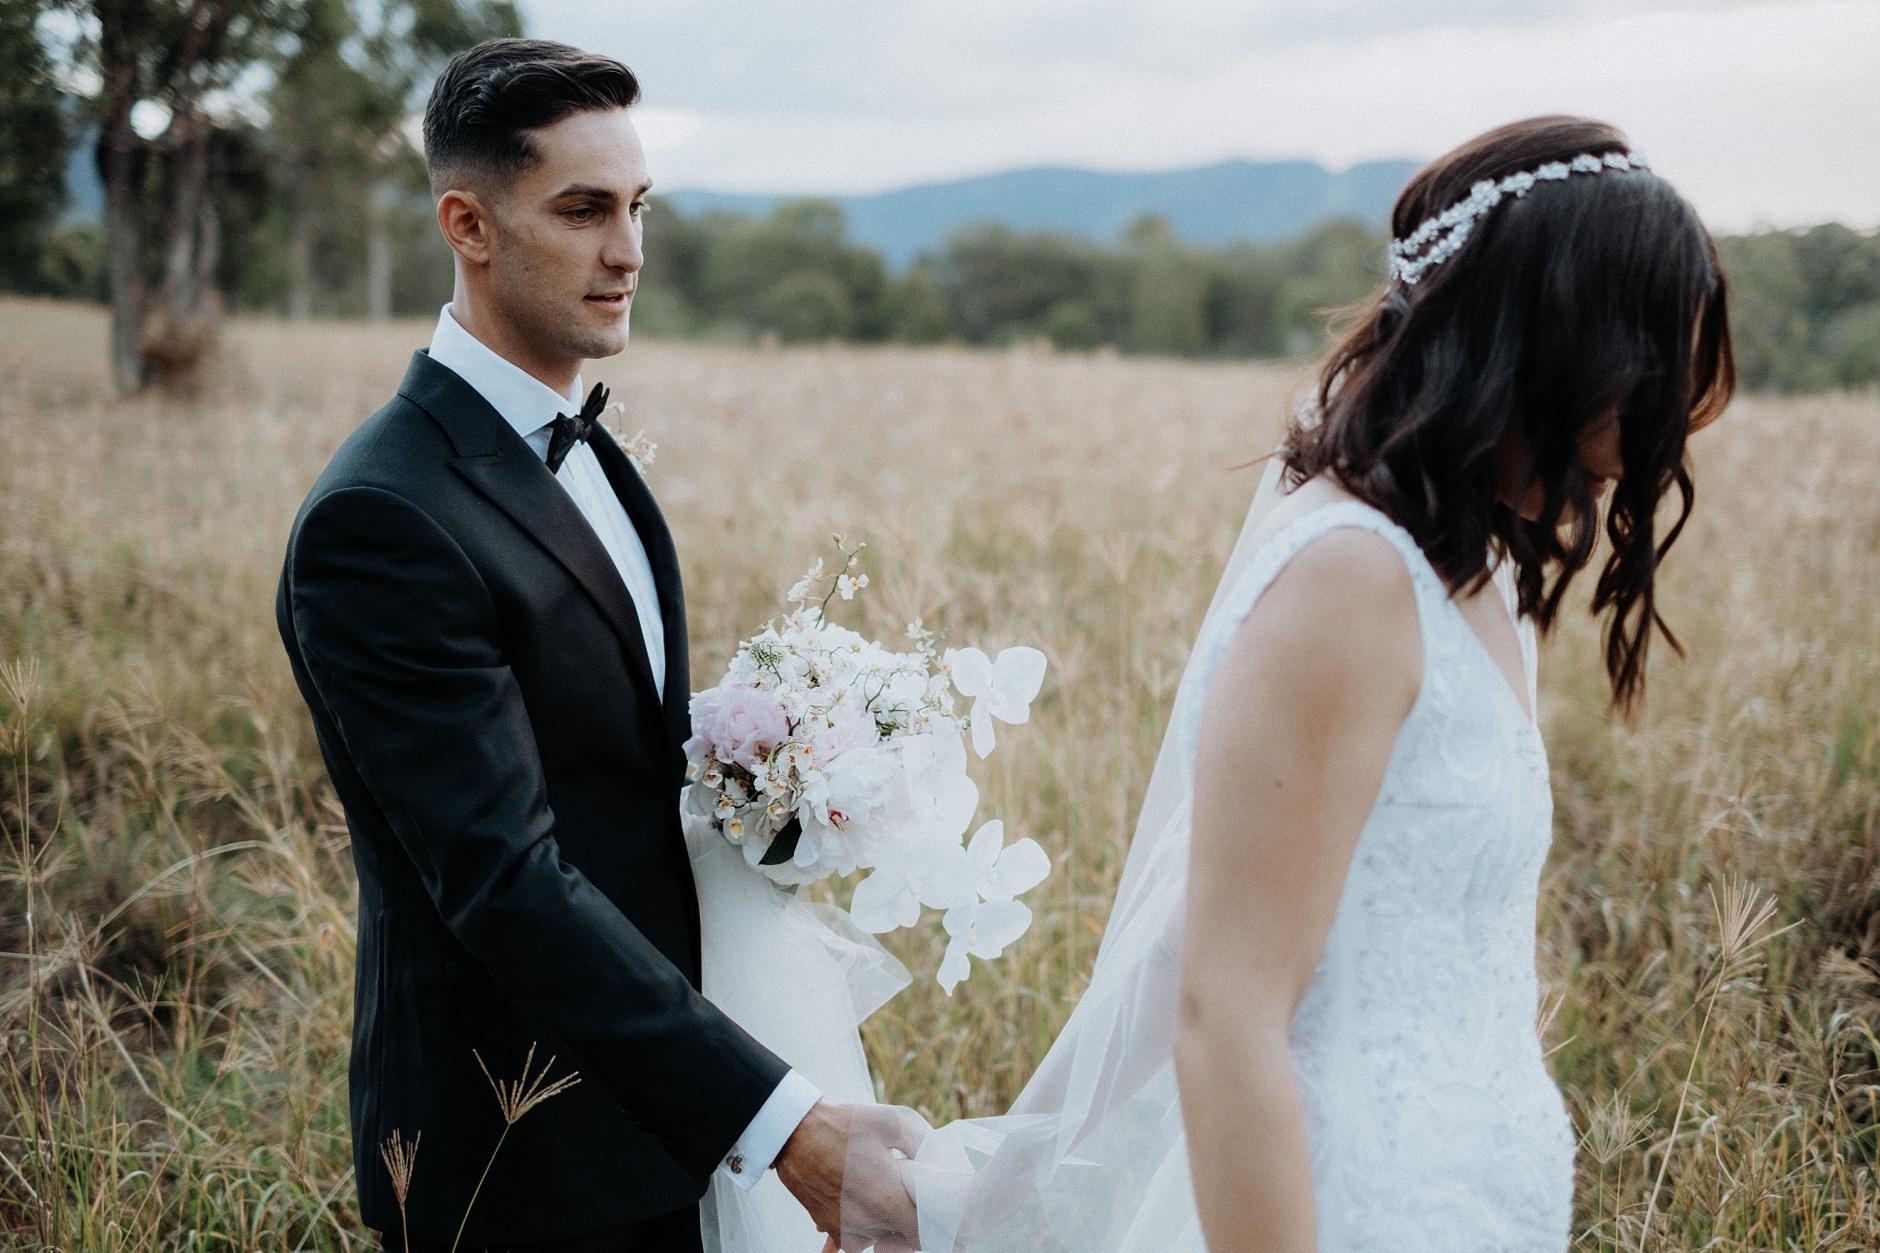 cassandra&cameron0712a_Peppers-Creek-Wedding.jpg